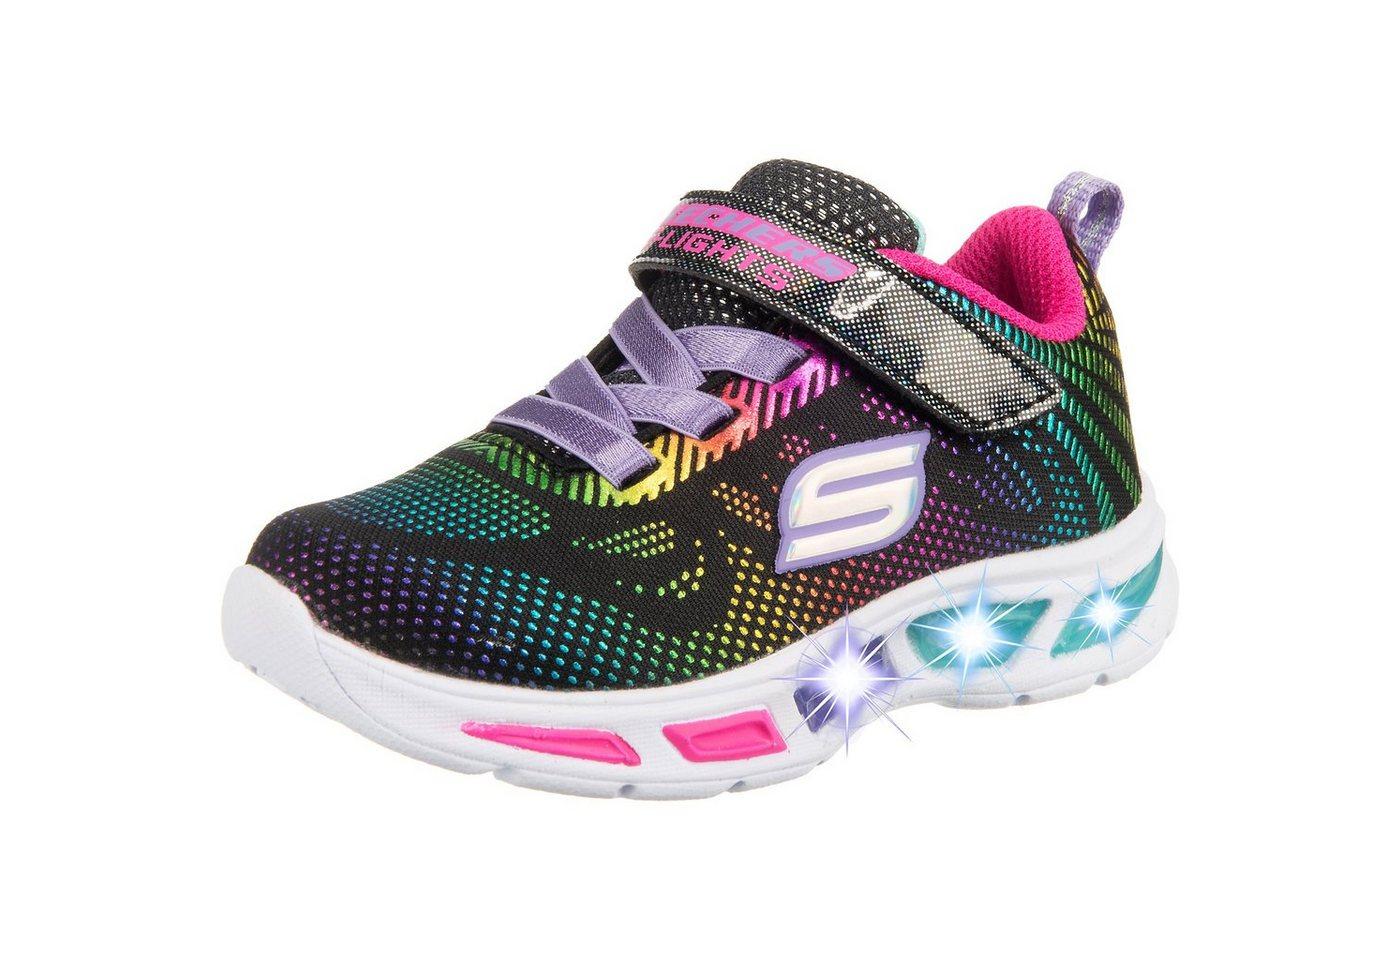 Mädchen,  Kinder,  Unisex Skechers Sneakers Low Blinkies LITEBEAMS GLEAM N' DREAM für Mädchen schwarz | 00192283453649